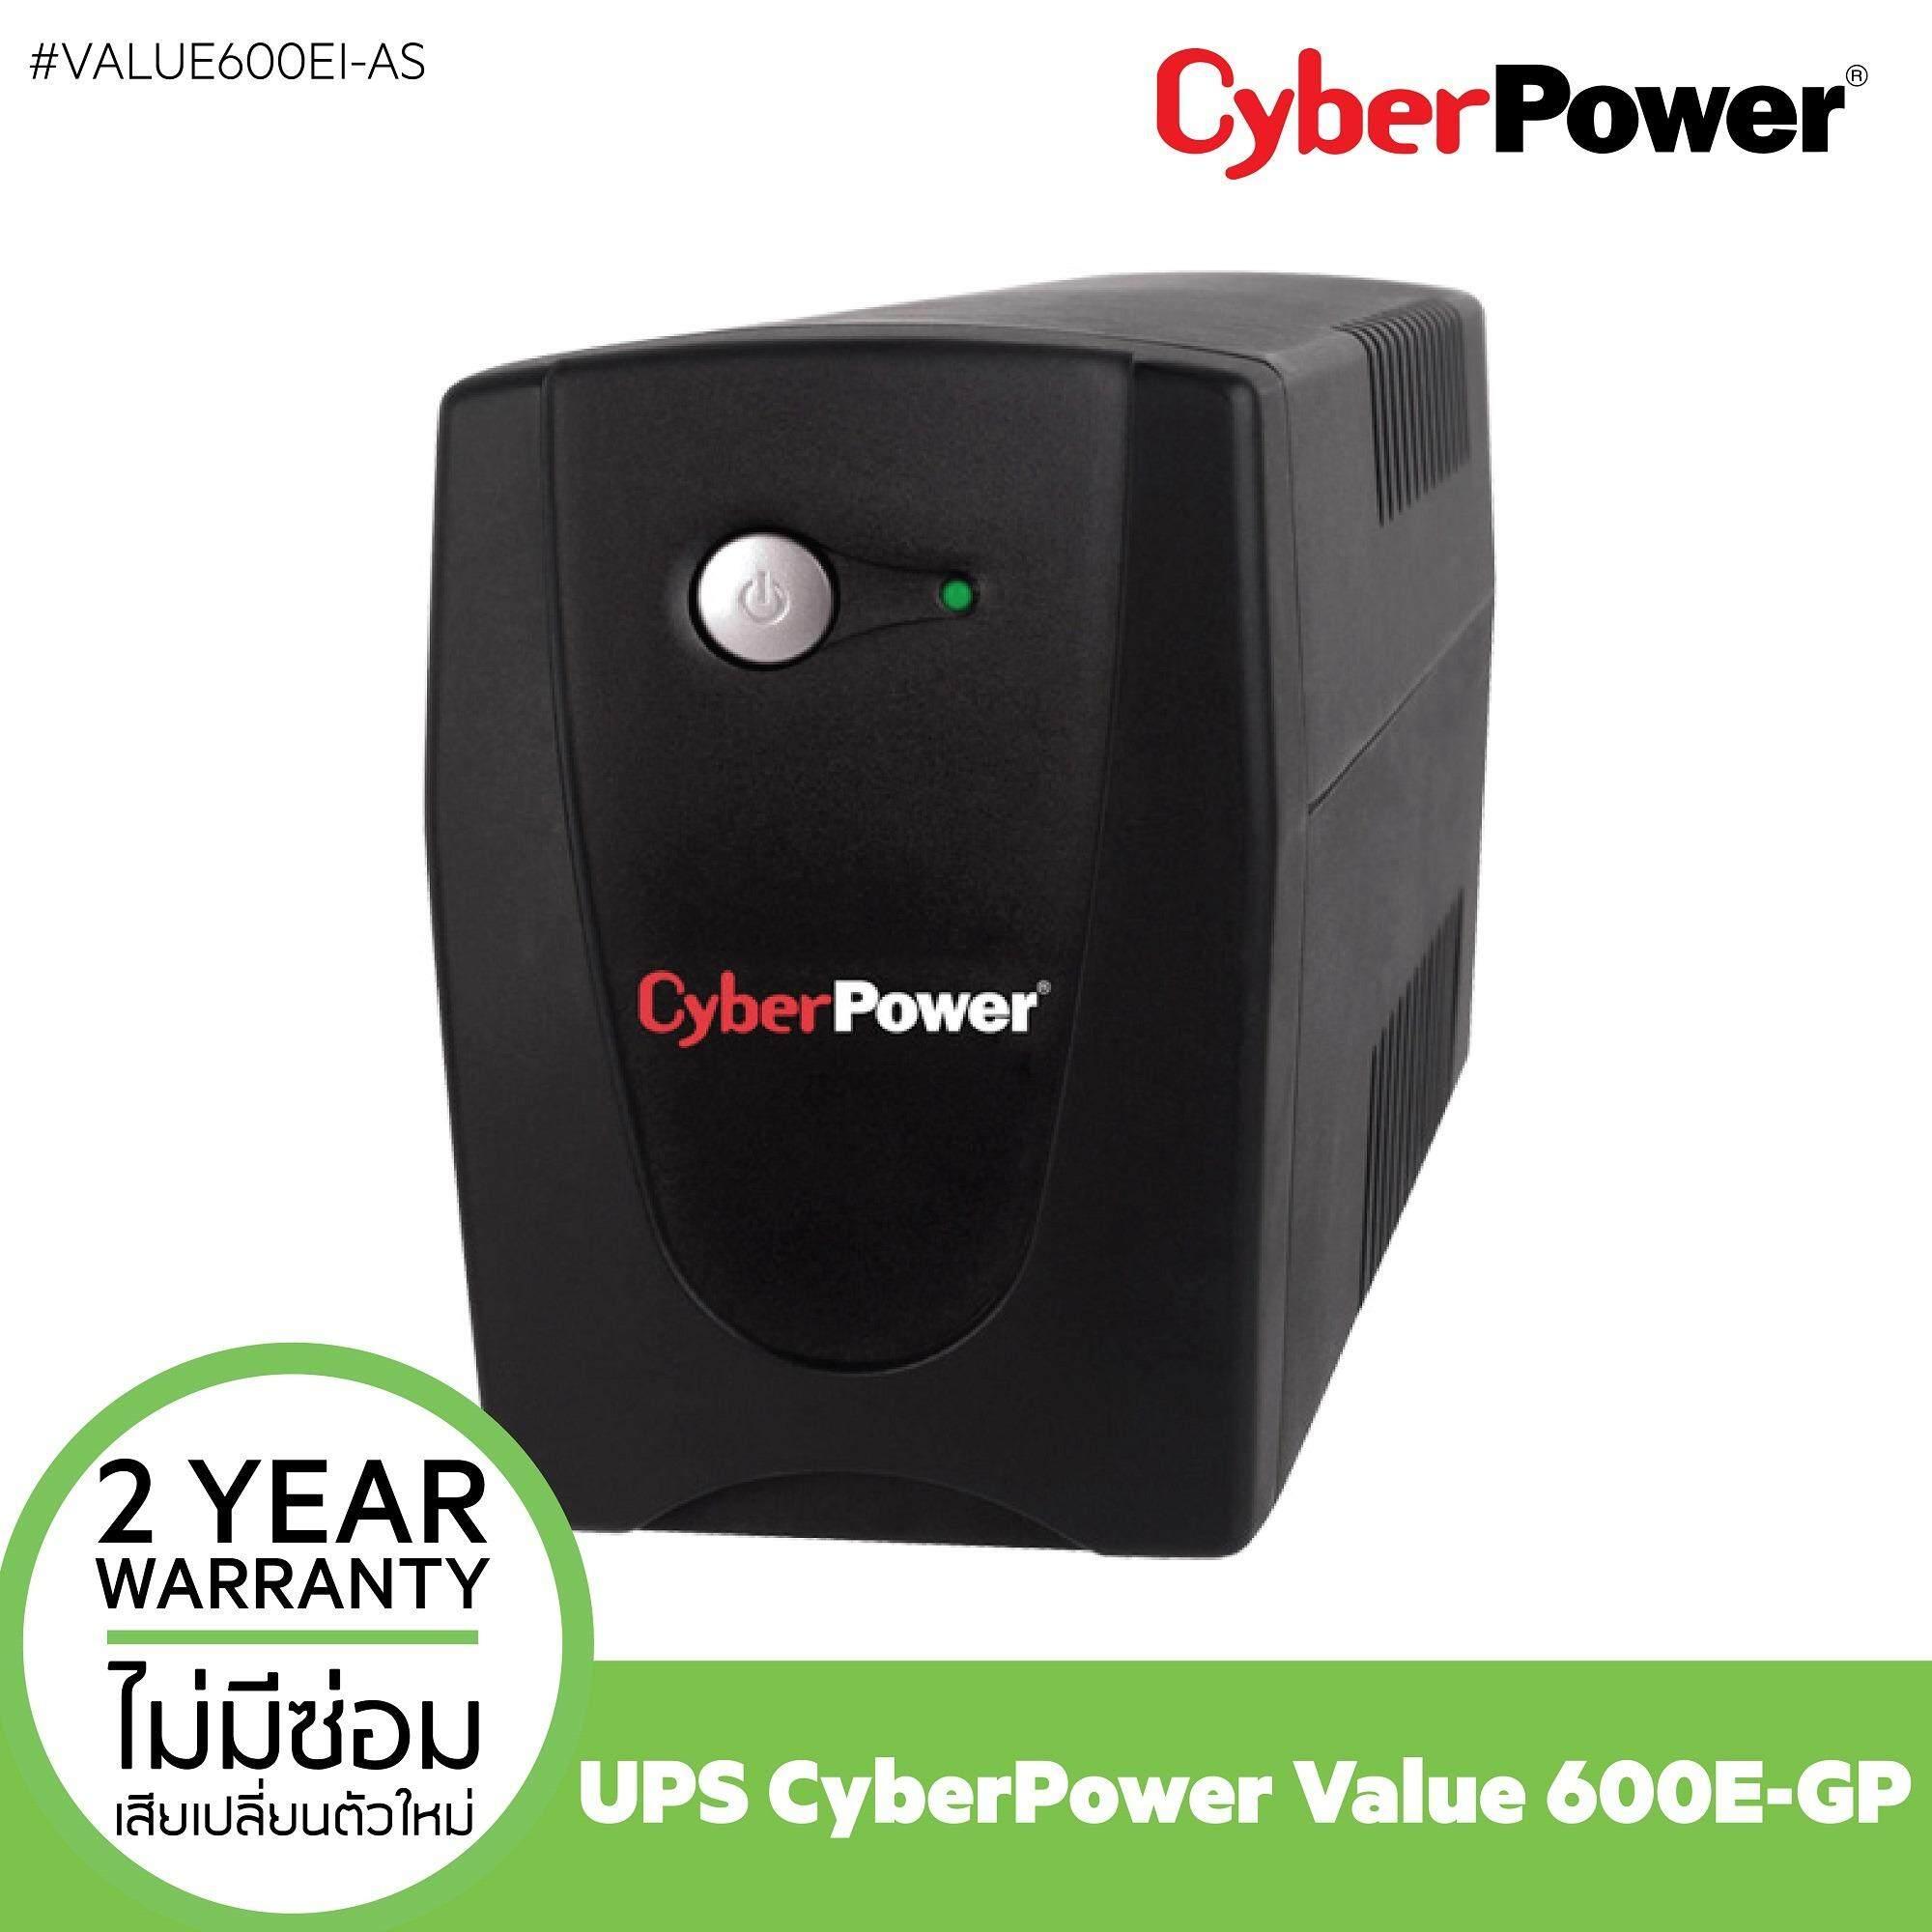 ซื้อ Cyberpower 600Va 360W 3 Outlets 2 Phone Fax Modem Dsl Network 1 Usb And Serial Port 1 Battery Value600Ei As Cyberpower ถูก